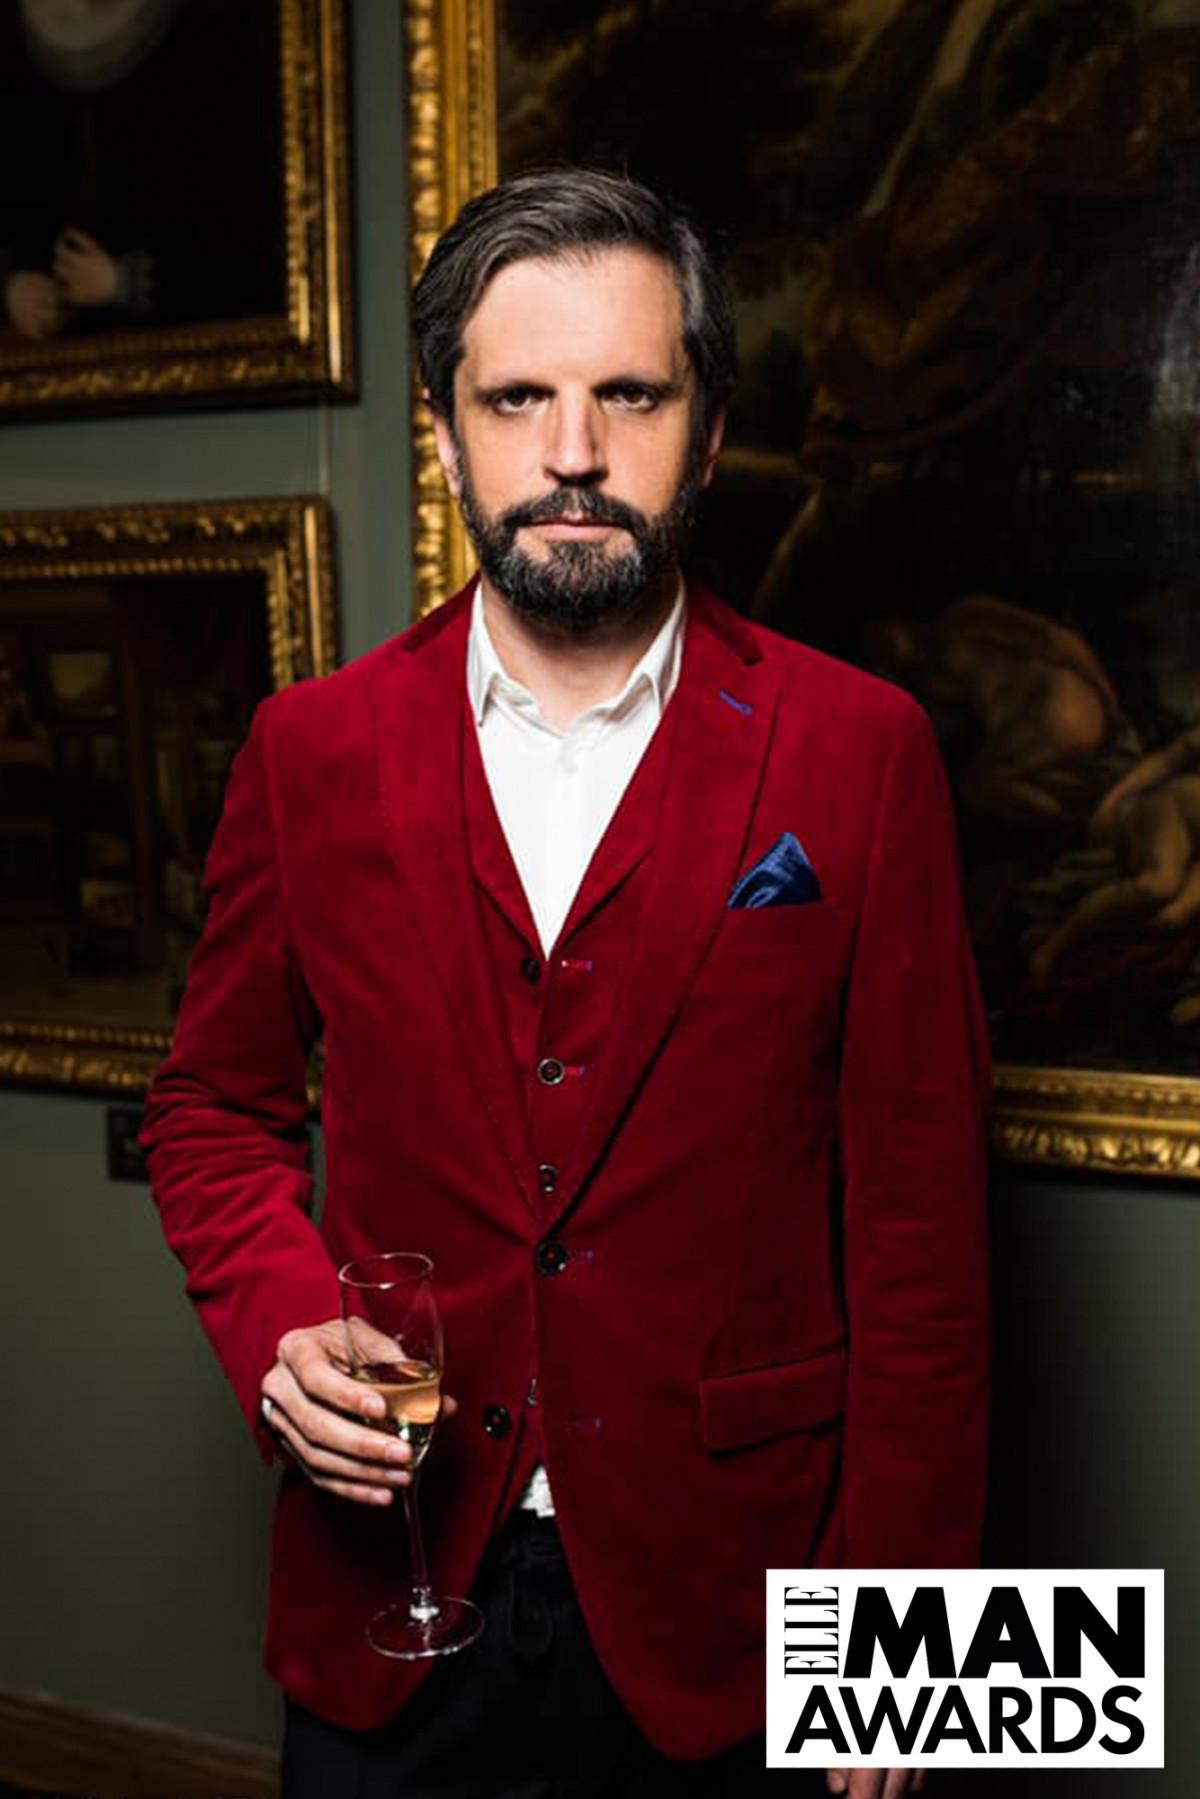 Алексей Гладушевский – победитель в номинации «Самый стильный мужчина страны» по версии редакции ELLE MAN Ukraine